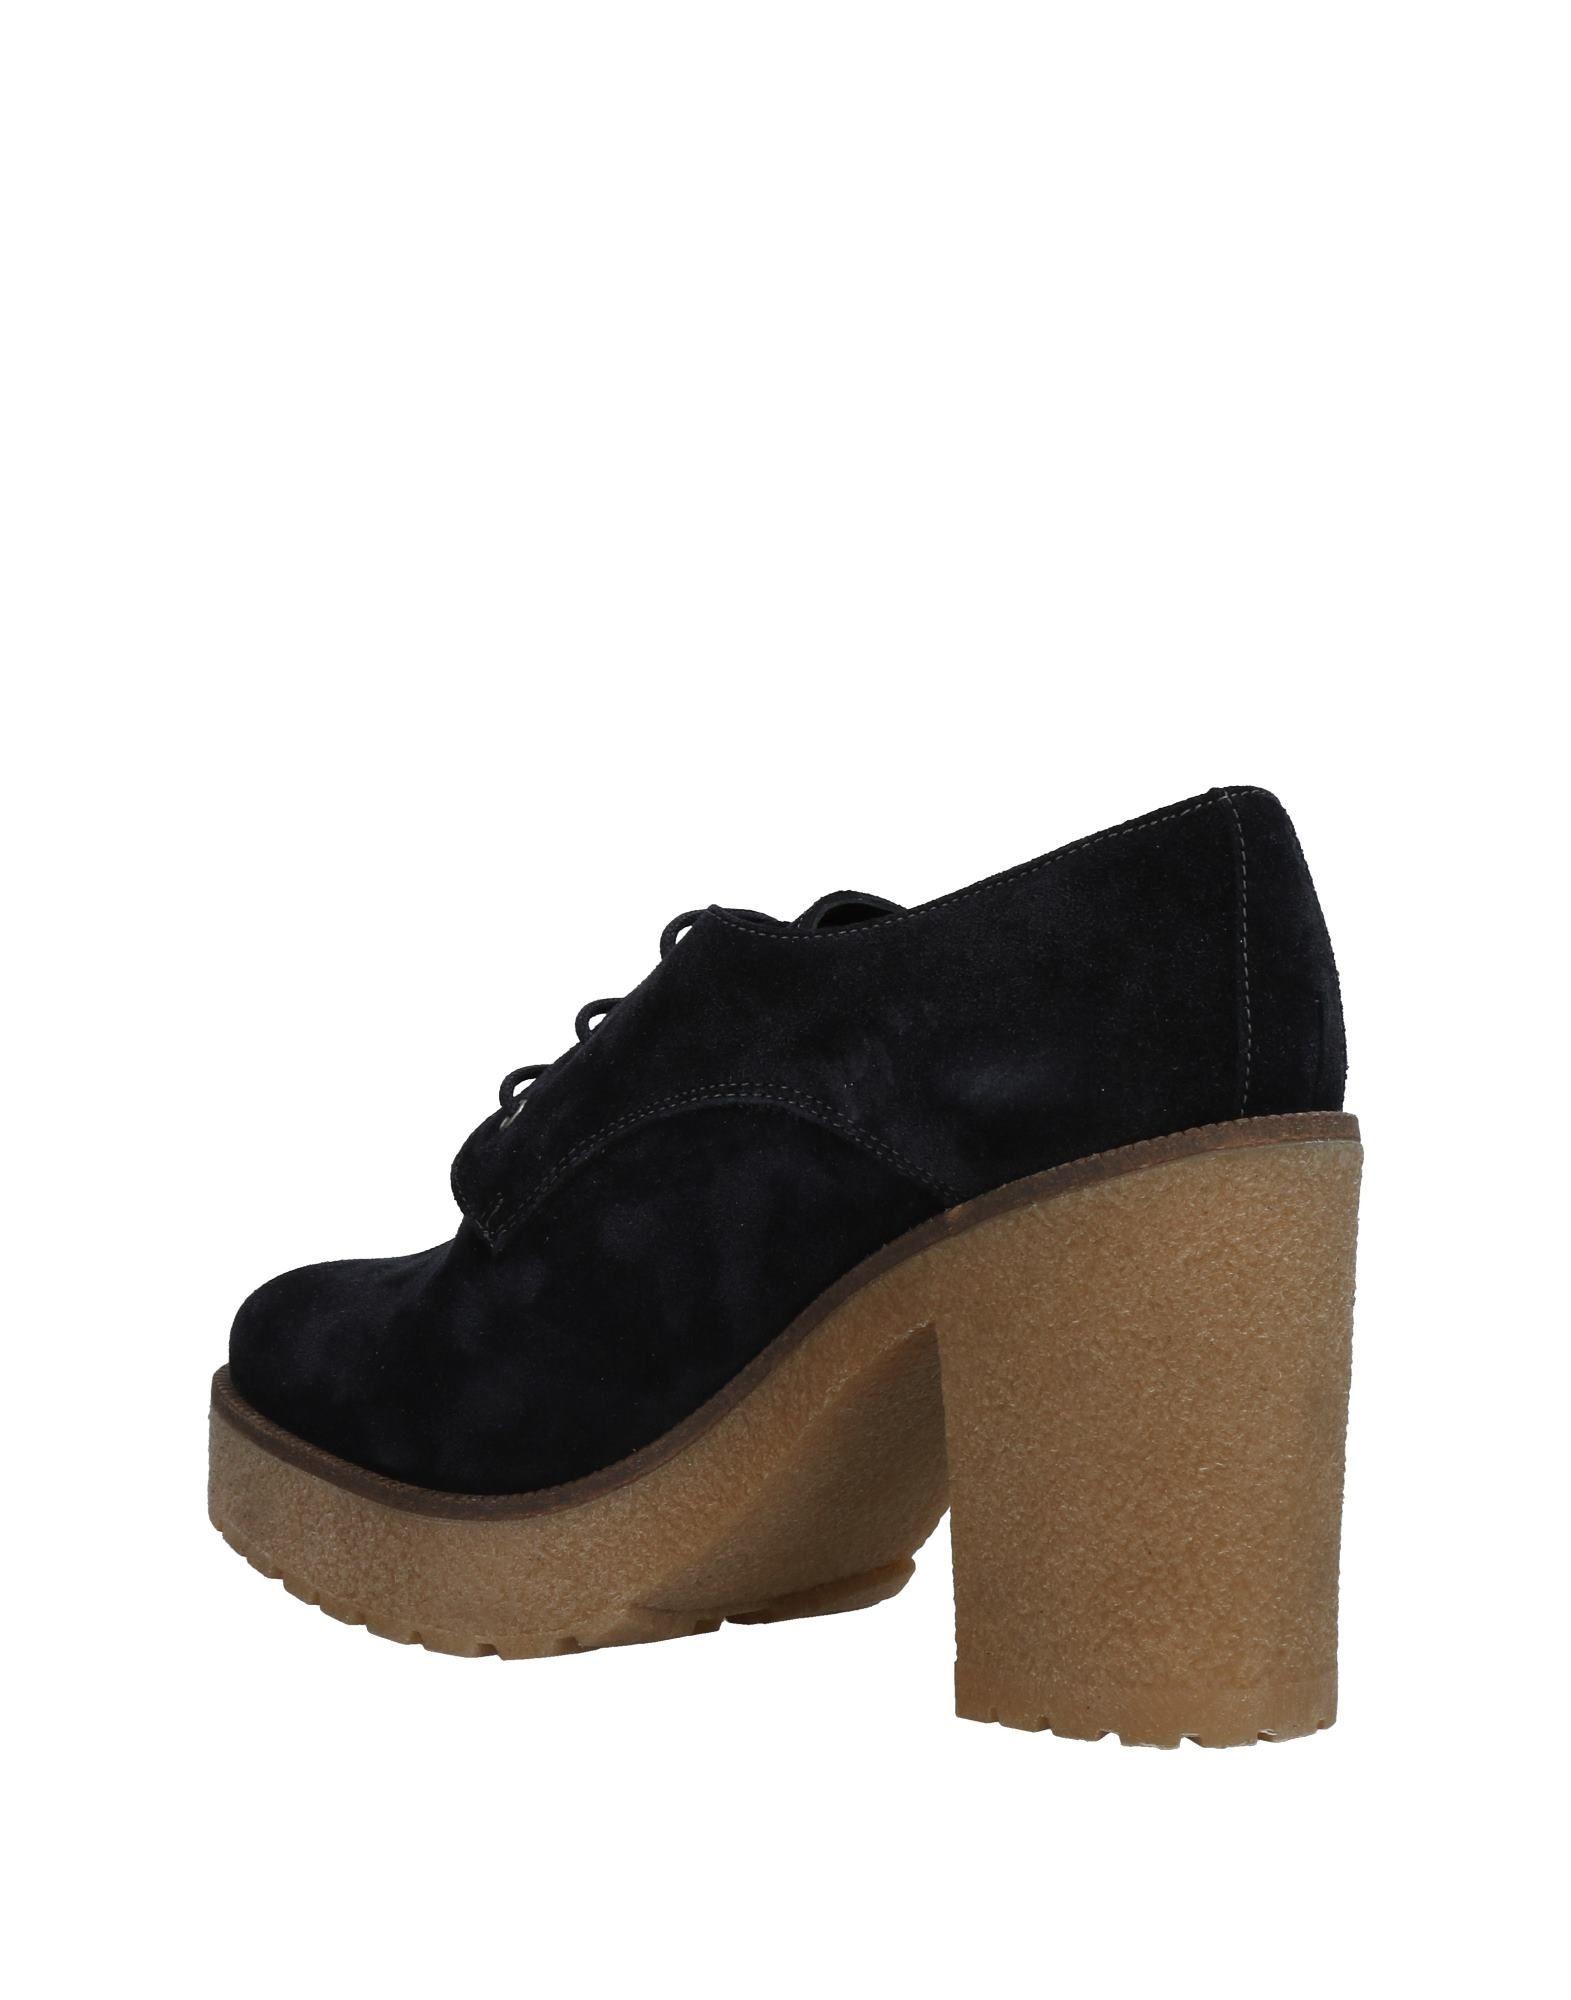 Phil Gatièr By Repo Gute Schnürschuhe Damen  11477549XB Gute Repo Qualität beliebte Schuhe 9c5a53